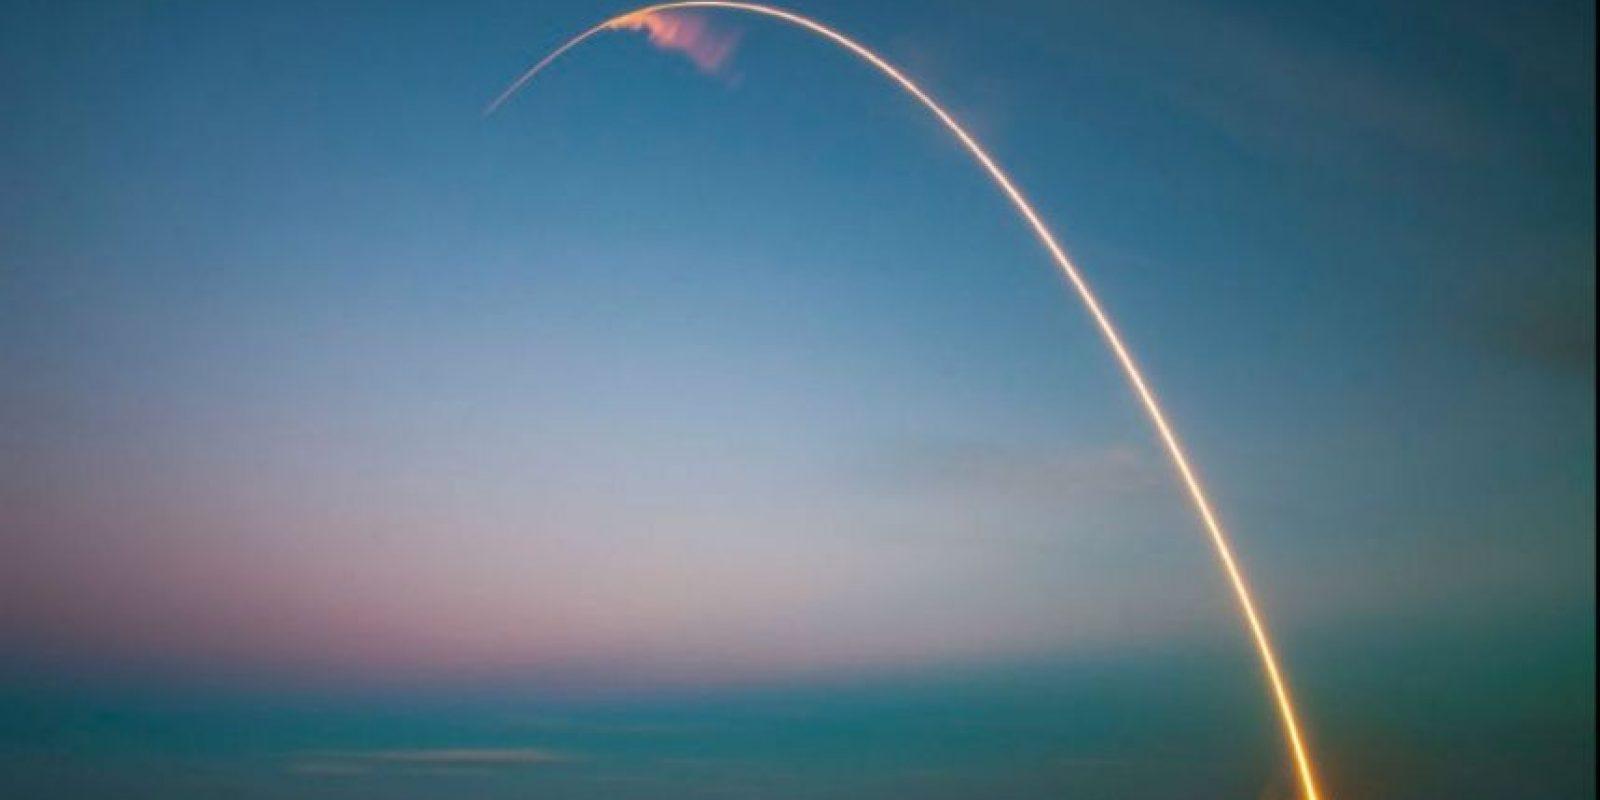 Es una empresa norteamericana de transporte aeroespacial fundada en 2002 por Elon Musk Foto:twitter.com/SpaceX